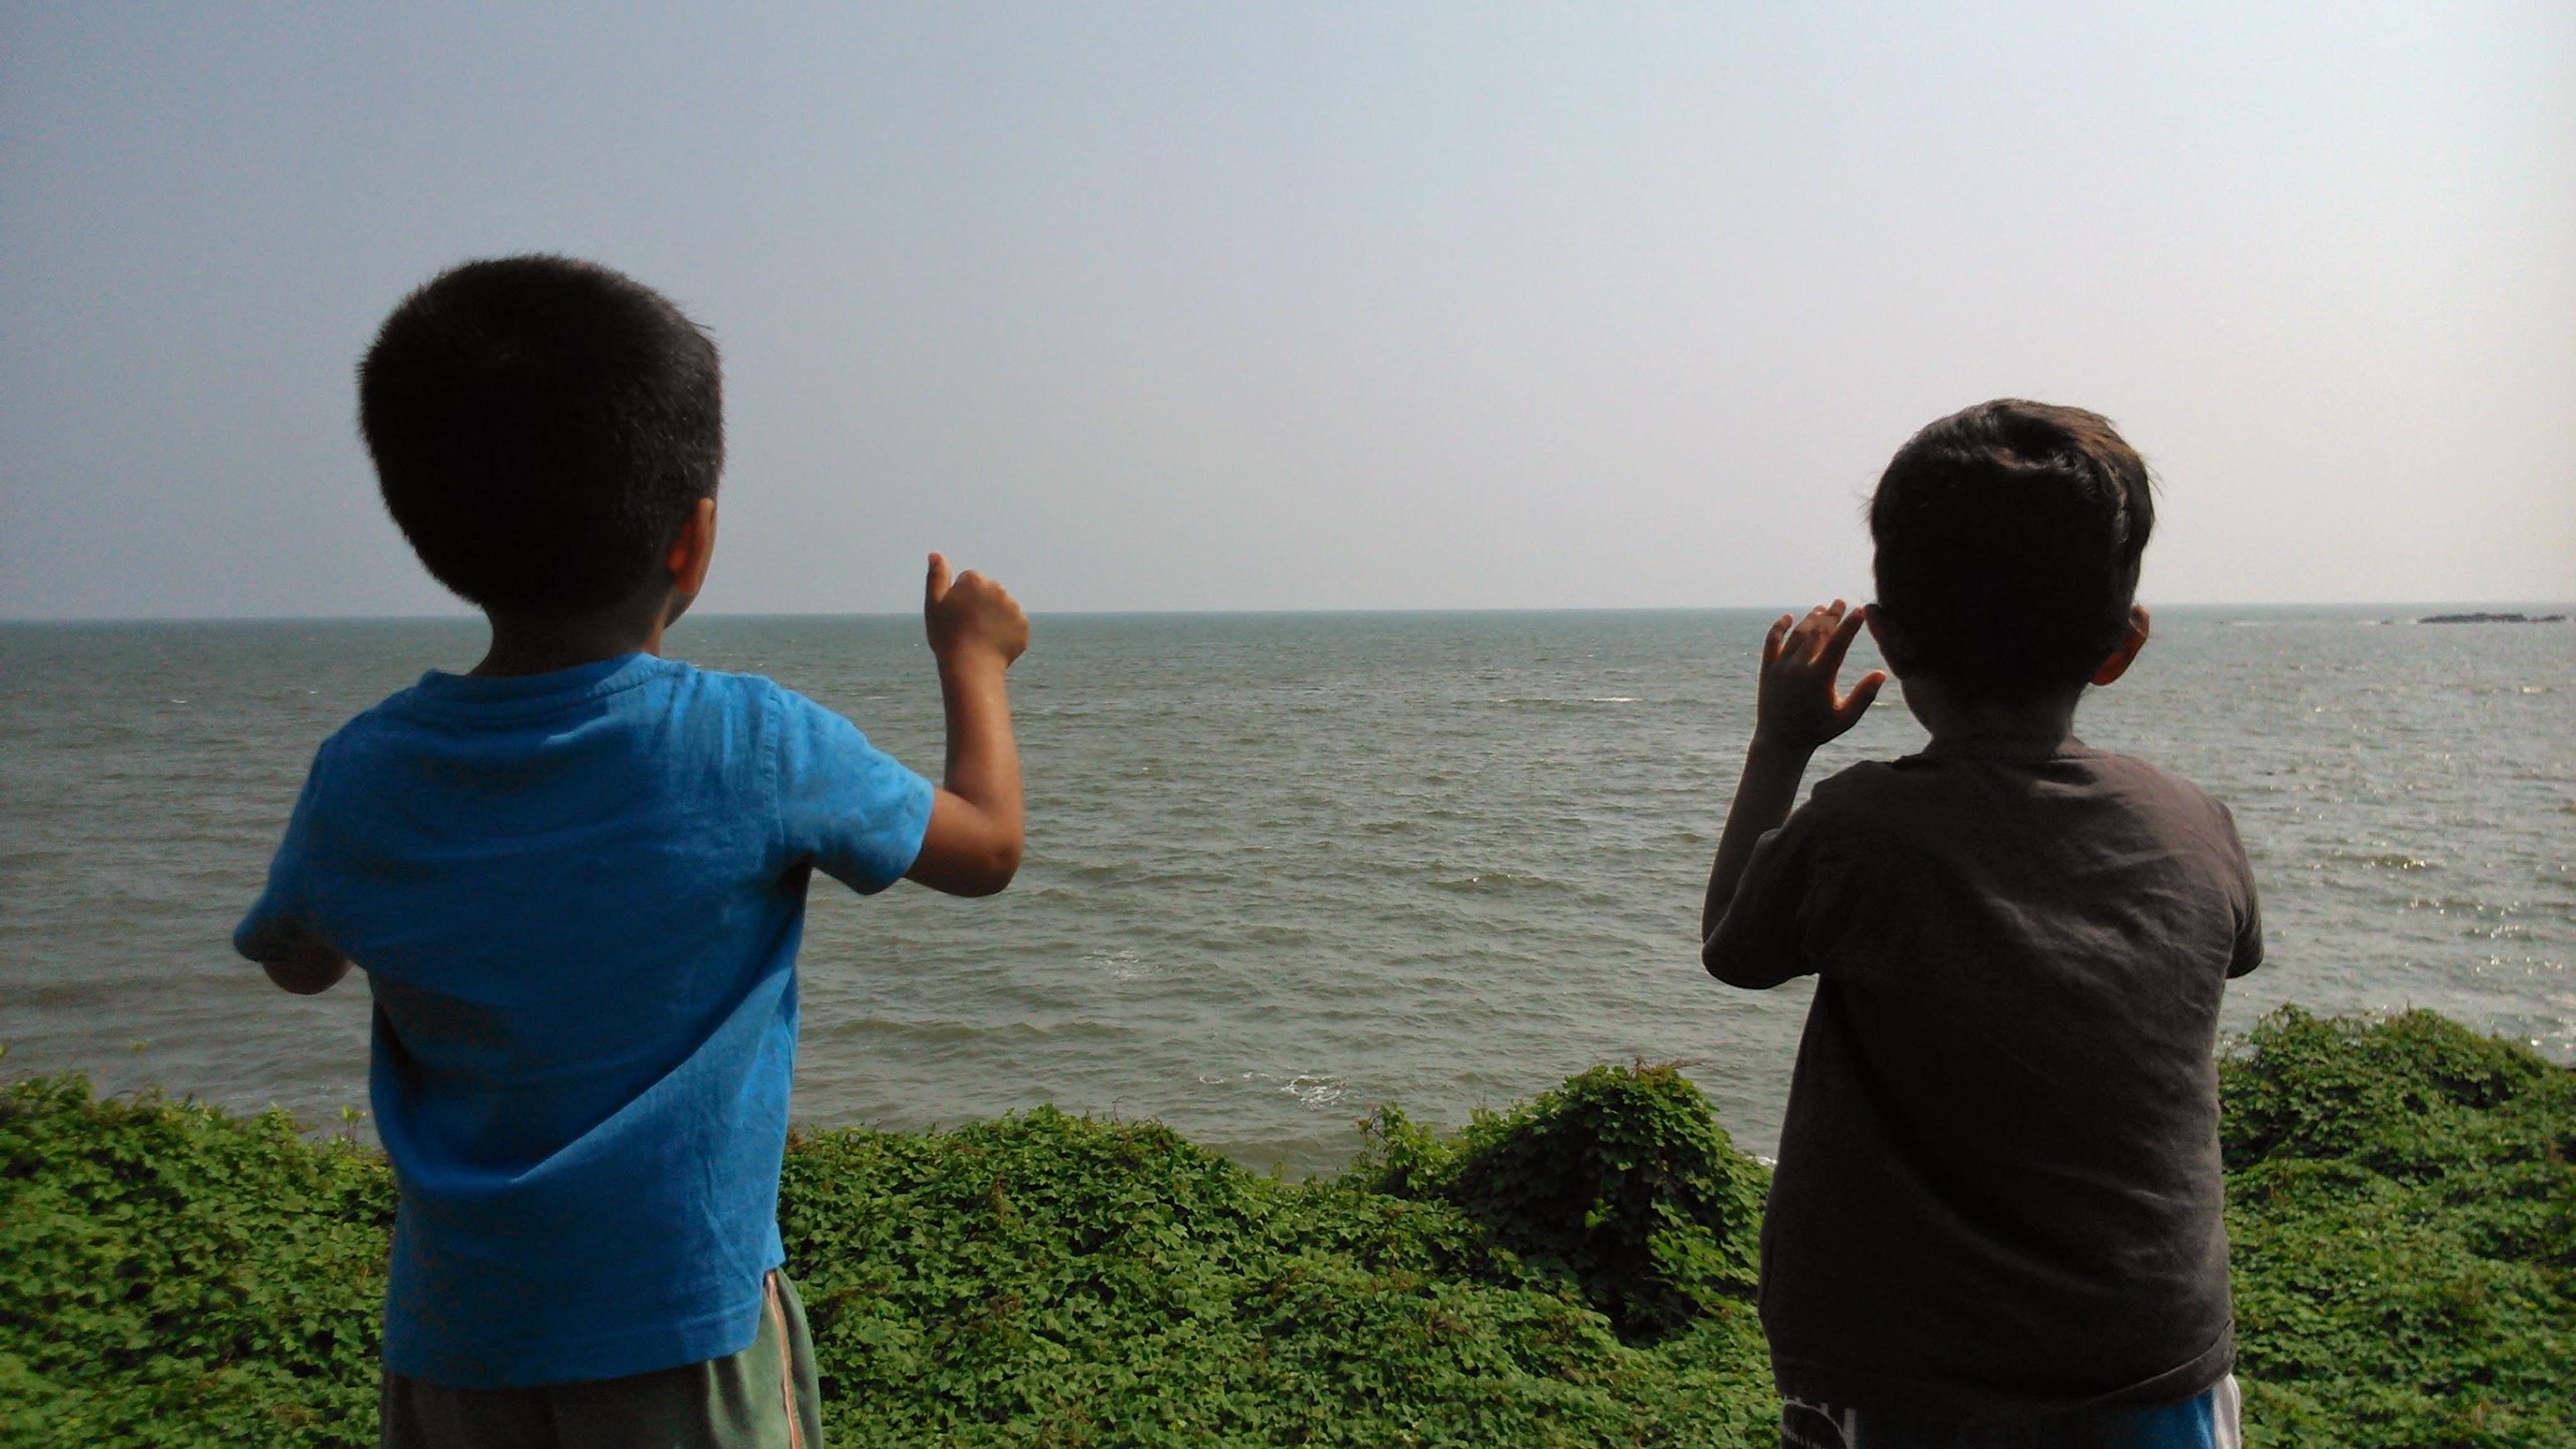 KK calling the waves